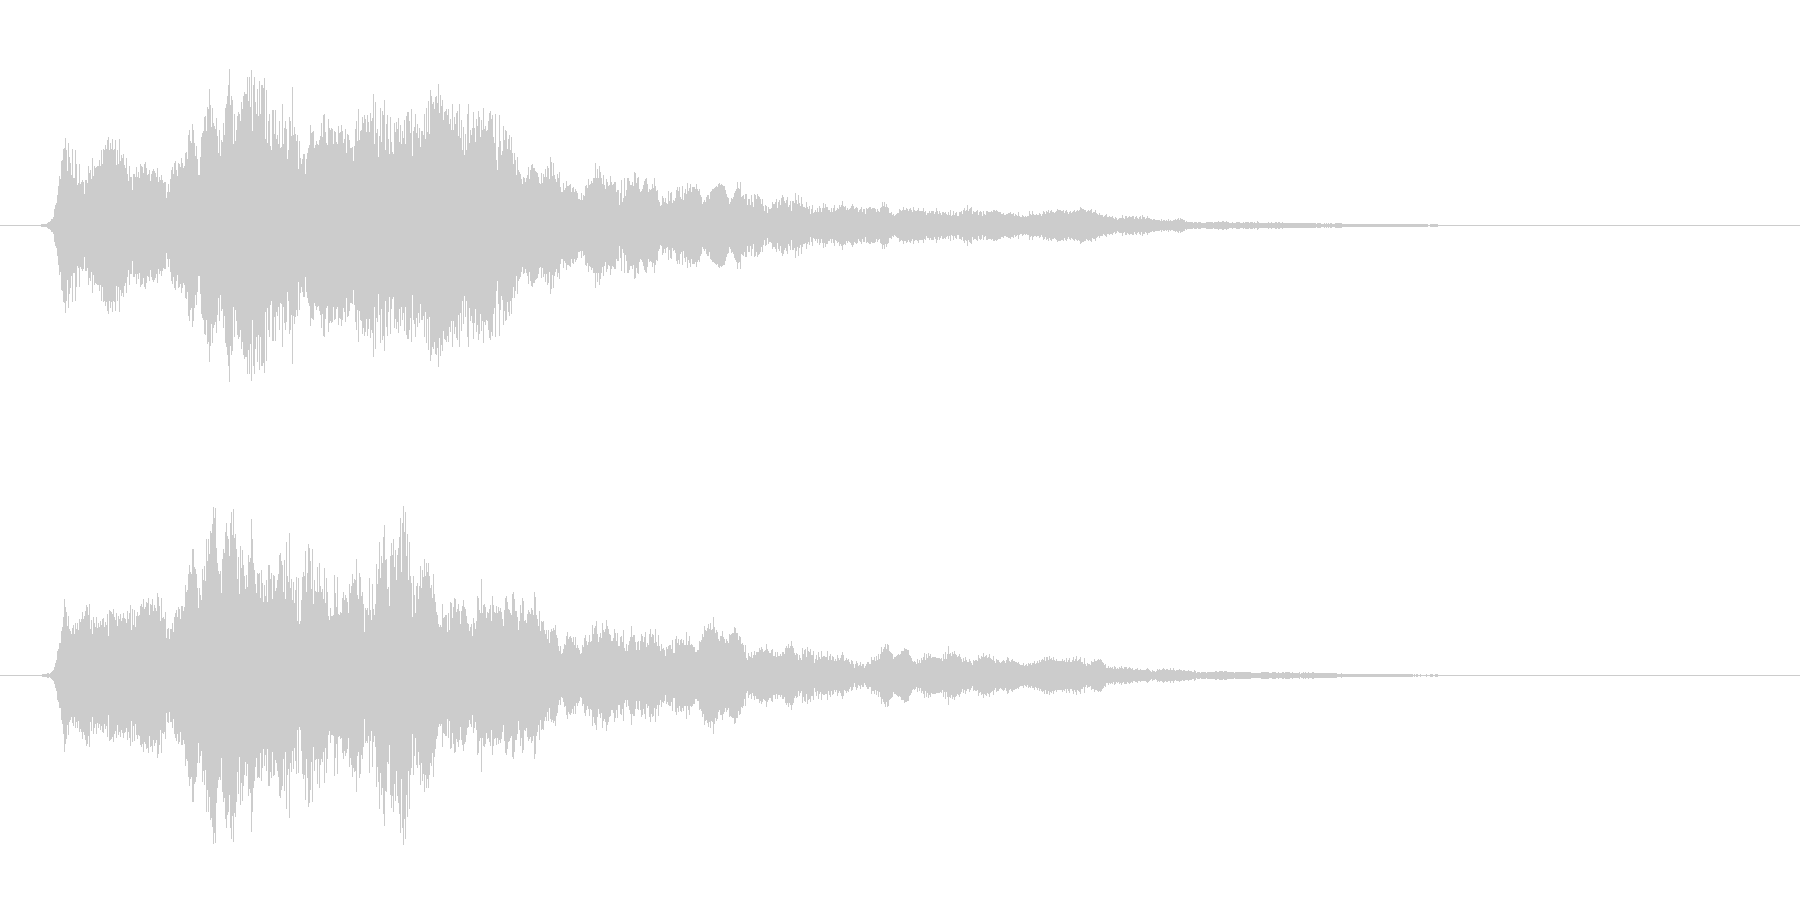 サウンドロゴ ほわーん系 その1の未再生の波形